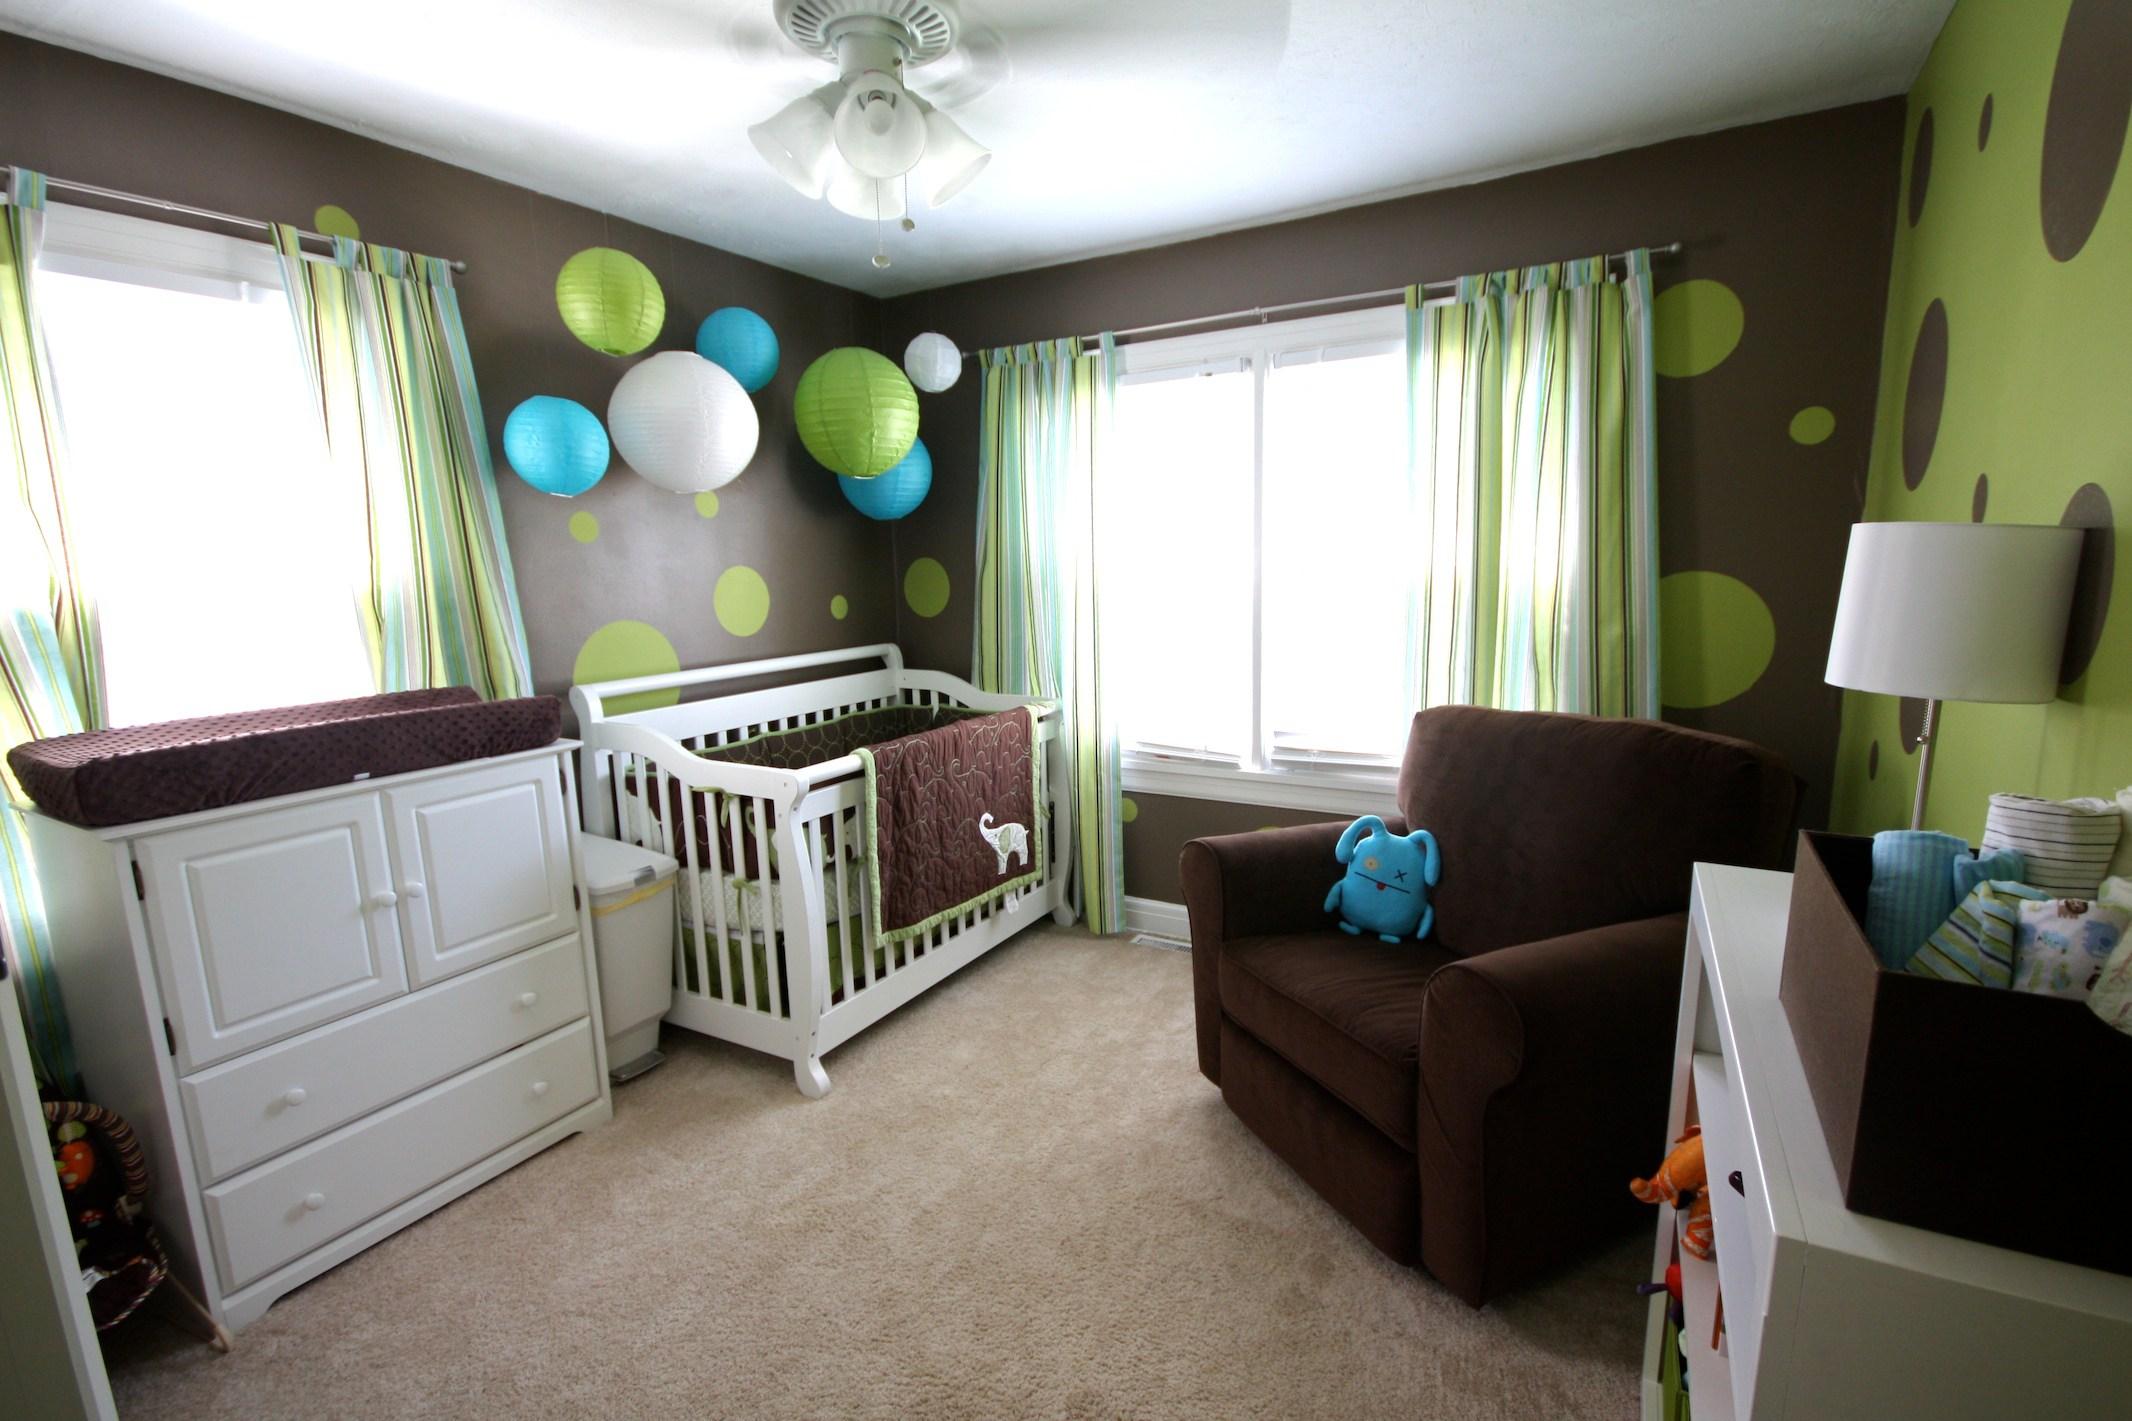 Полы в детской комнате, виды и особенности - фото примеров.